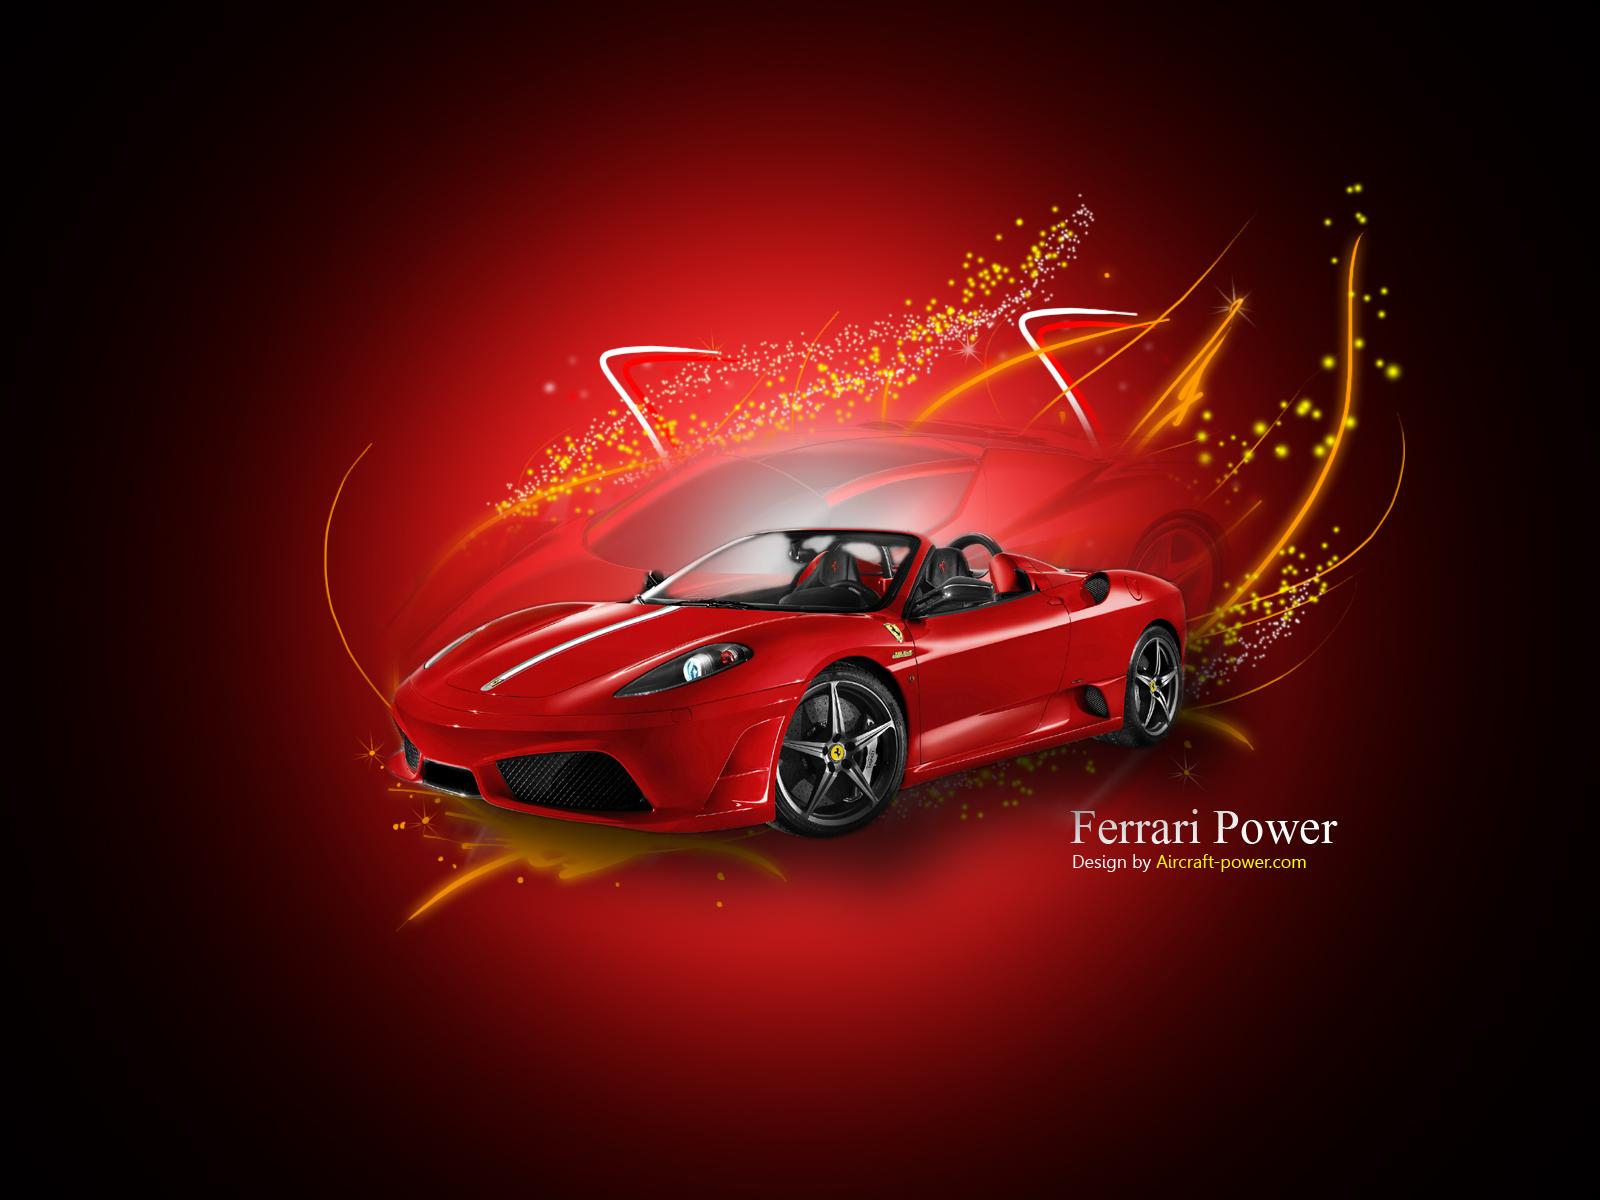 http://1.bp.blogspot.com/--_cBLET53M0/T81wVLvQt5I/AAAAAAAAFmg/MycfNHJq_aE/s1600/wallpaper-Ferrari-papel-de-parede+(1).jpg